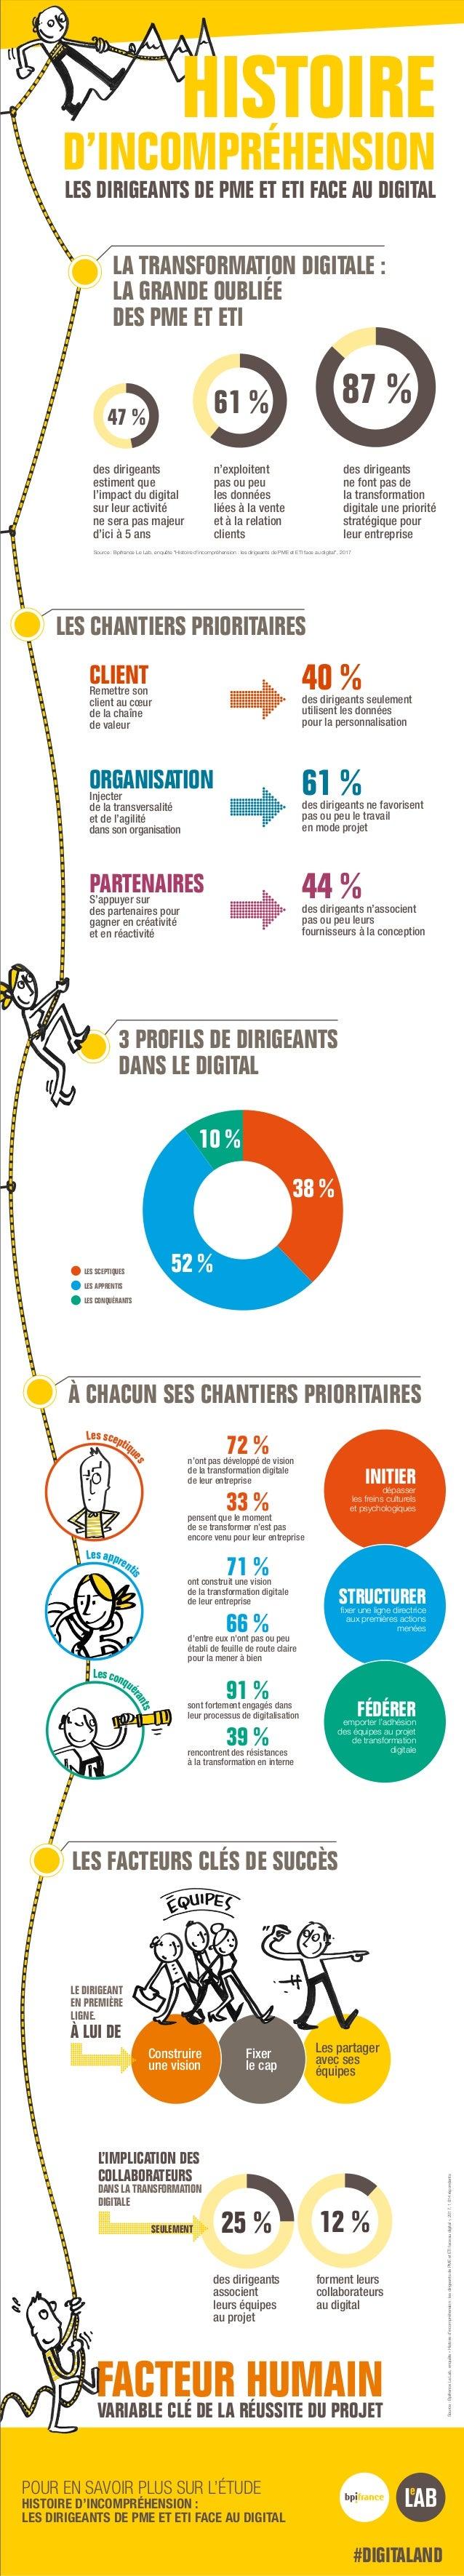 LES CHANTIERS PRIORITAIRES LES SCEPTIQUES LES APPRENTIS LES CONQUÉRANTS 38 % 52 % 10 % 3 PROFILS DE DIRIGEANTS DANS LE DIG...